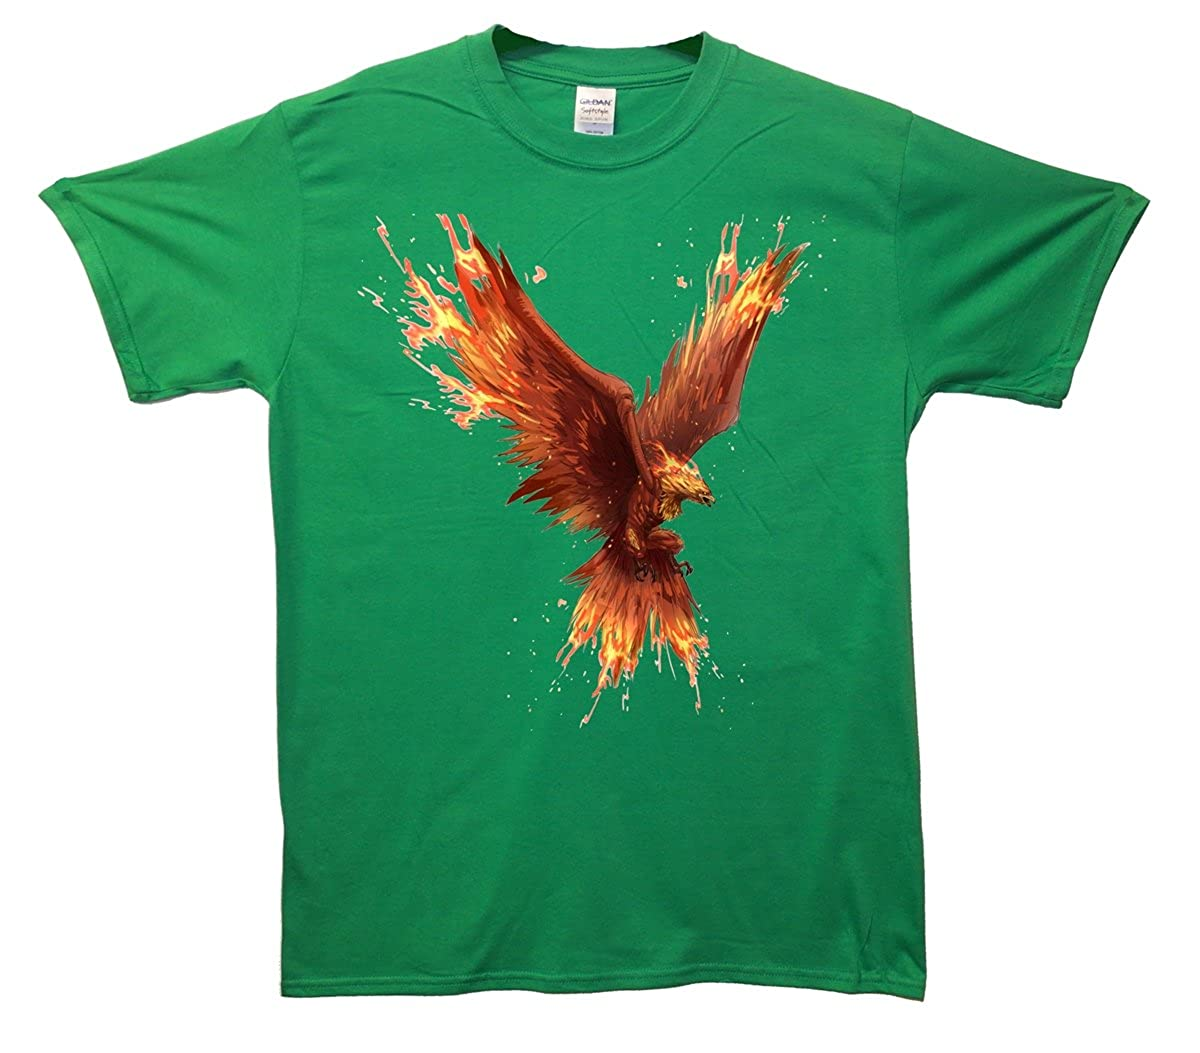 Minamo Burning Phoenix T-Shirt